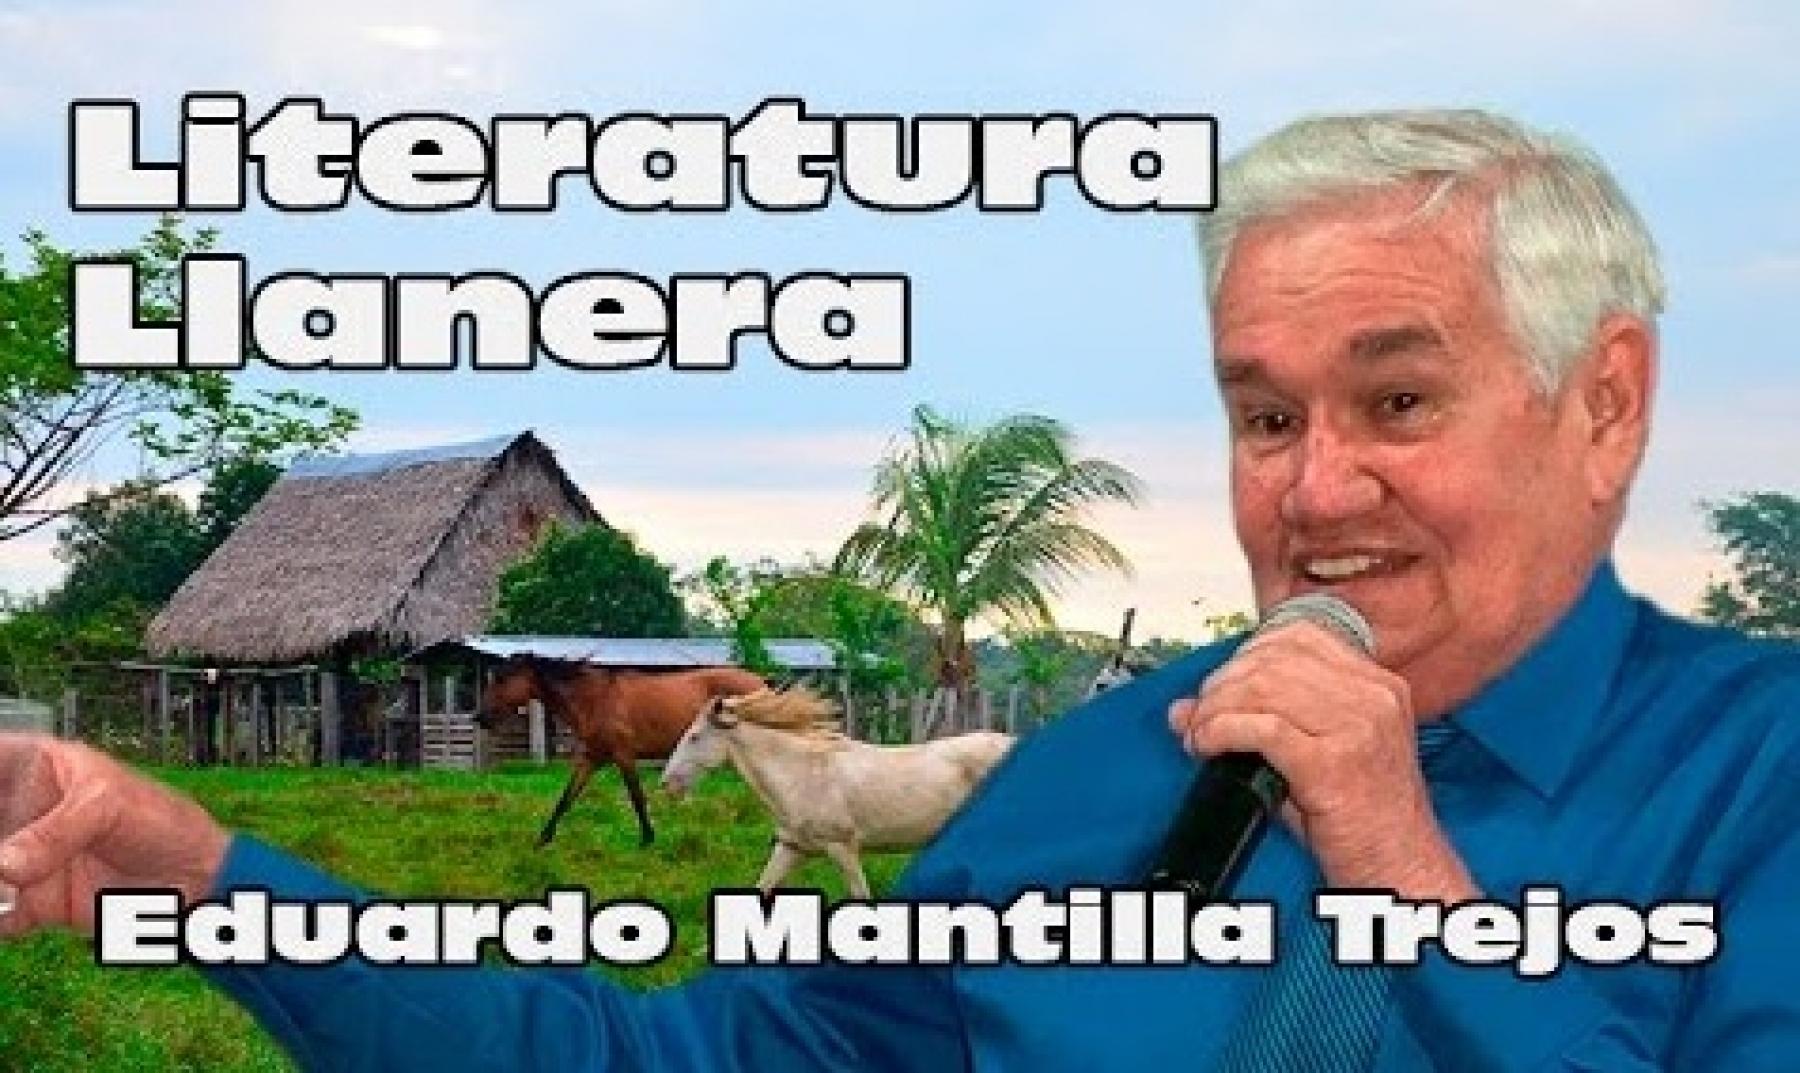 Famoso Escritor Del Servicio Reanudar Muestra Motivo - Ejemplo De ...